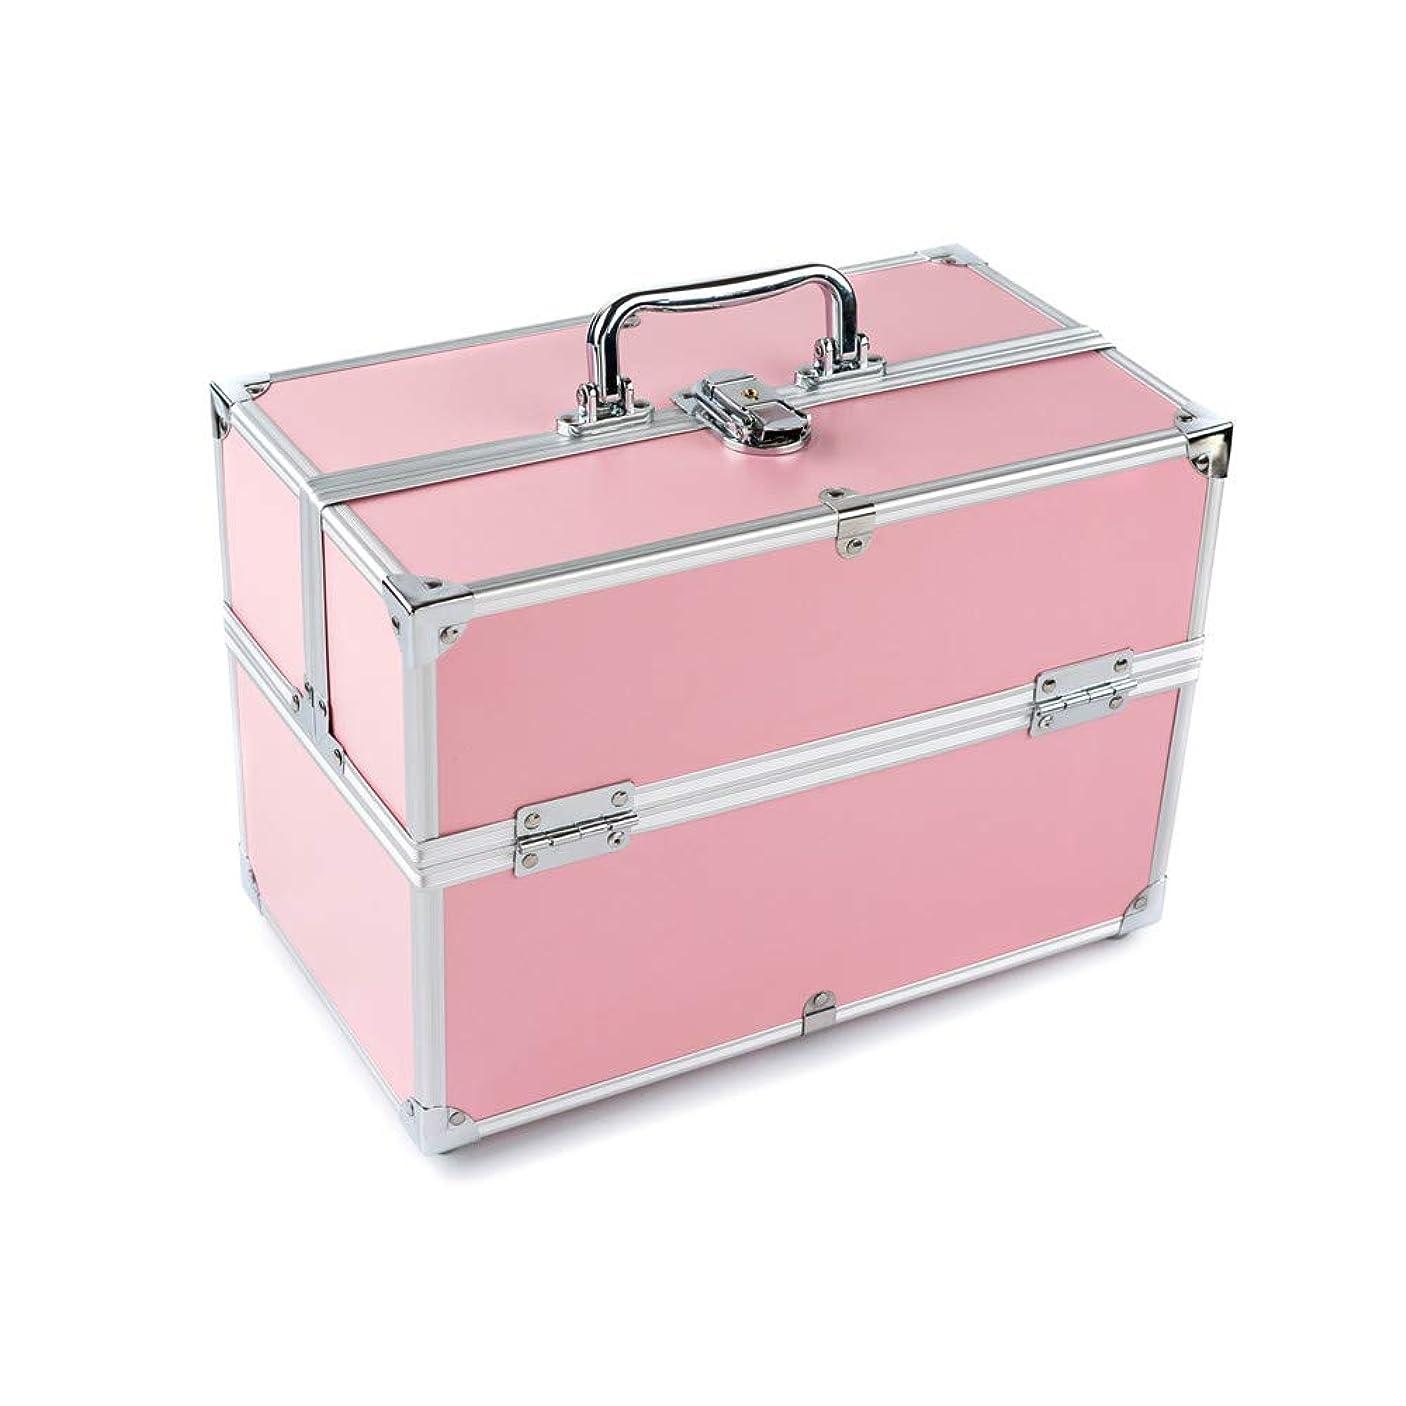 解放息を切らして寄稿者特大スペース収納ビューティーボックス 美の構造のためそしてジッパーおよび折る皿が付いている女の子の女性旅行そして毎日の貯蔵のための高容量の携帯用化粧品袋 化粧品化粧台 (色 : ピンク)